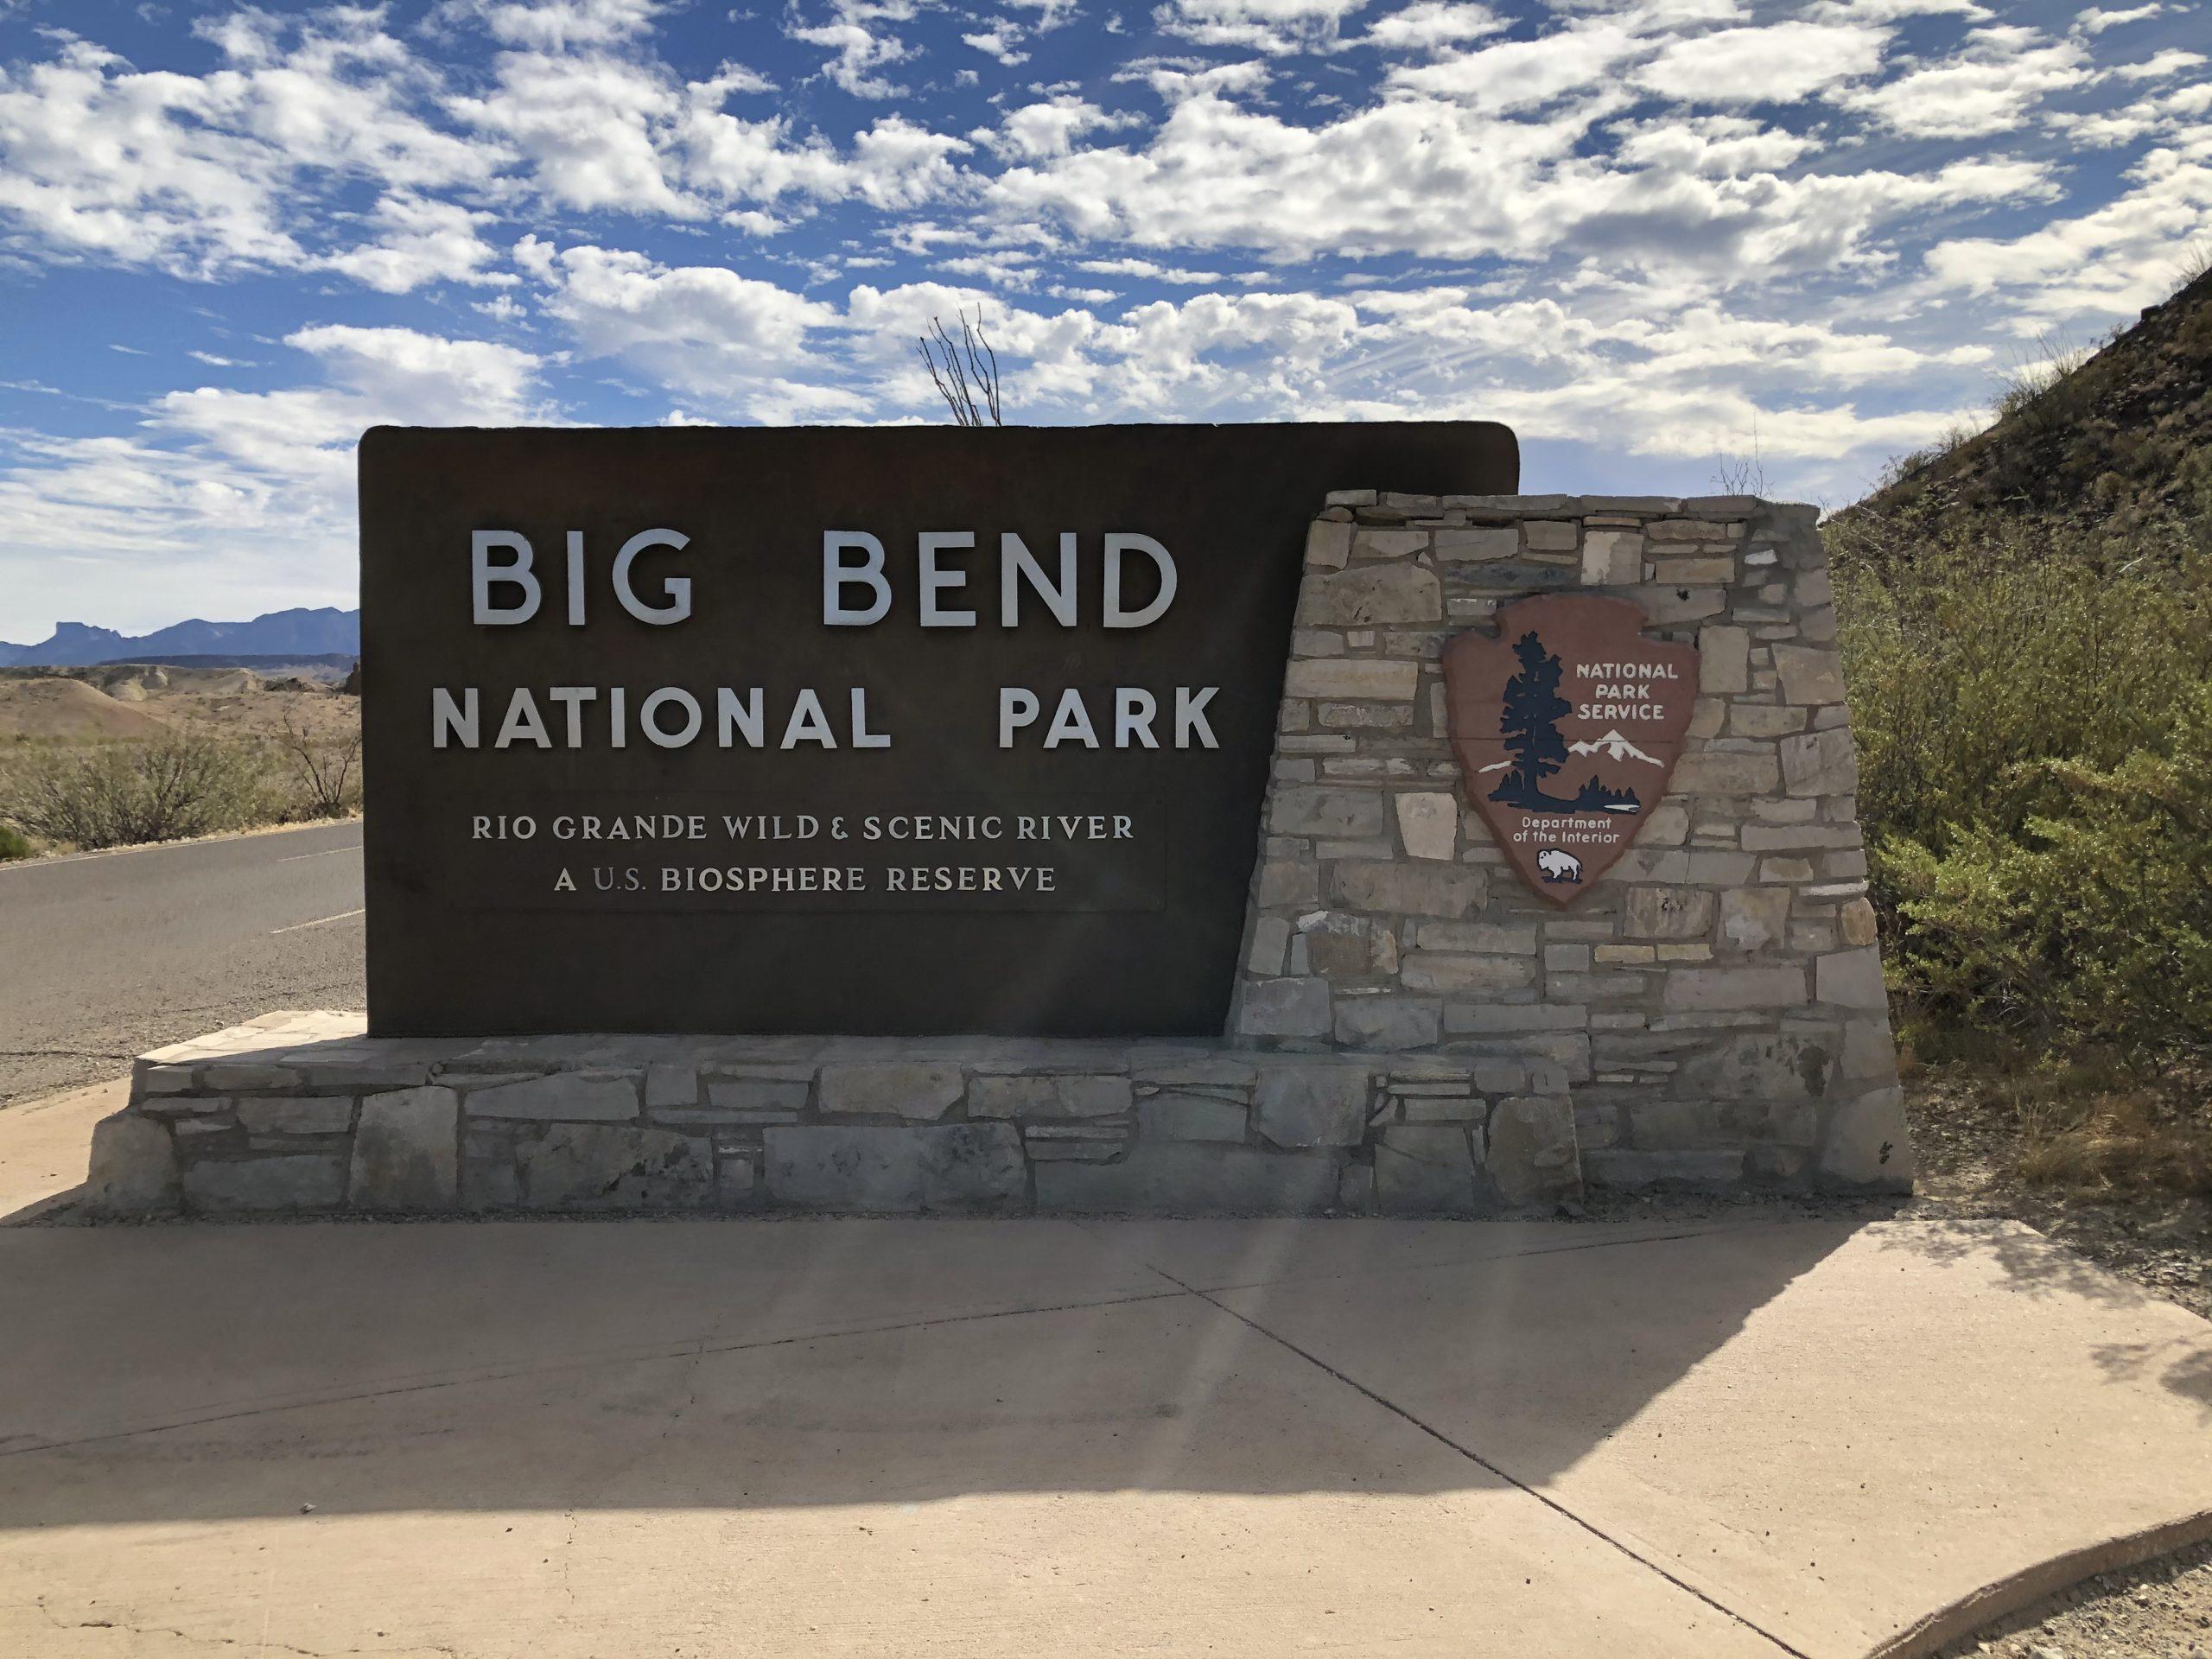 テキサスロードトリップその2~ビッグベンド国立公園